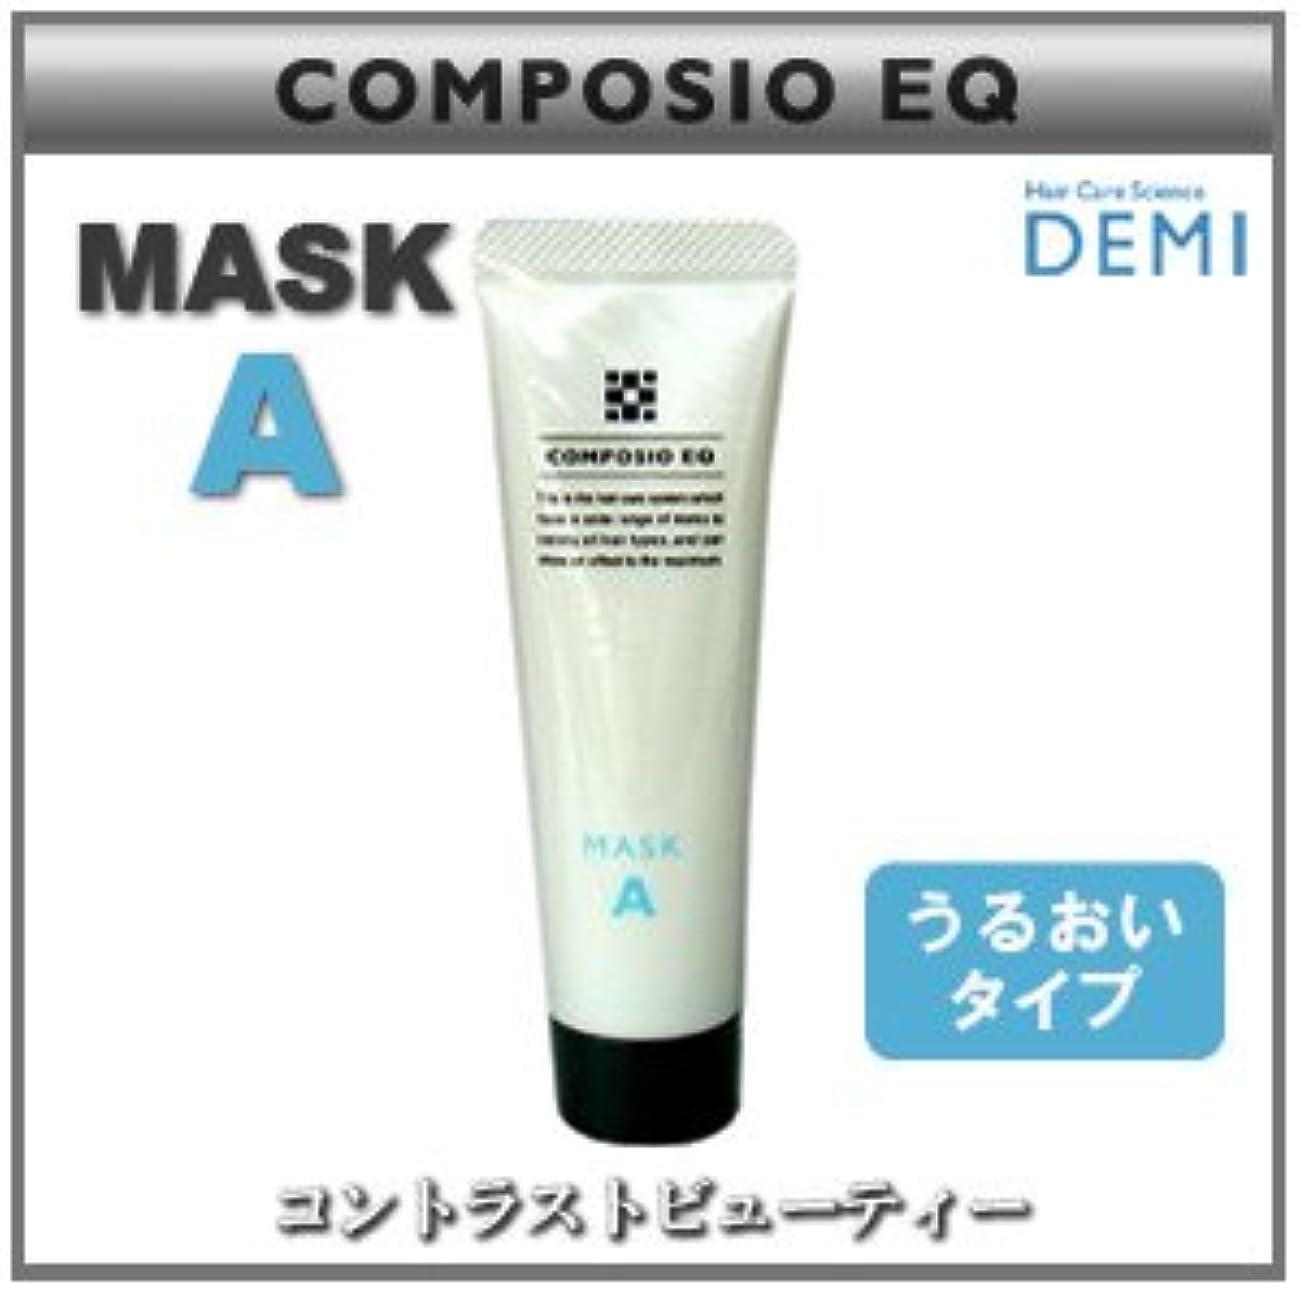 変換ご意見第五【X5個セット】 デミ コンポジオ EQ マスク A 50g